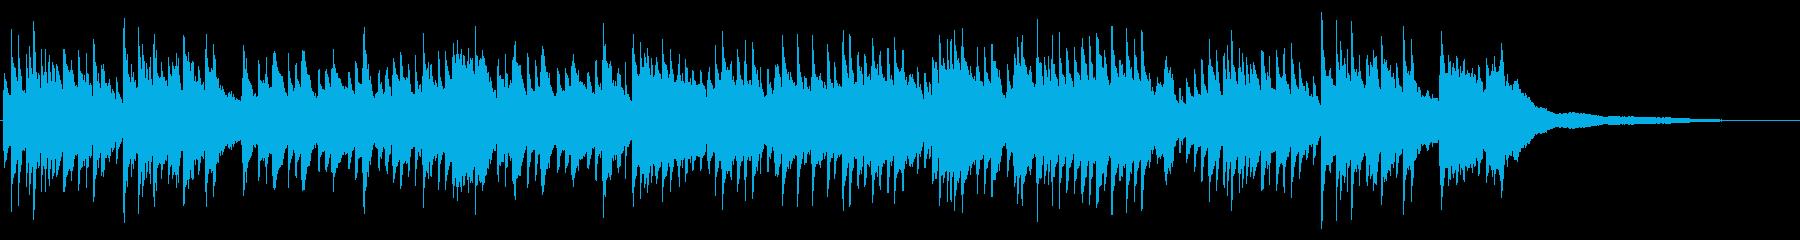 しっとり和風ピアノソロ、はんなり、切ないの再生済みの波形